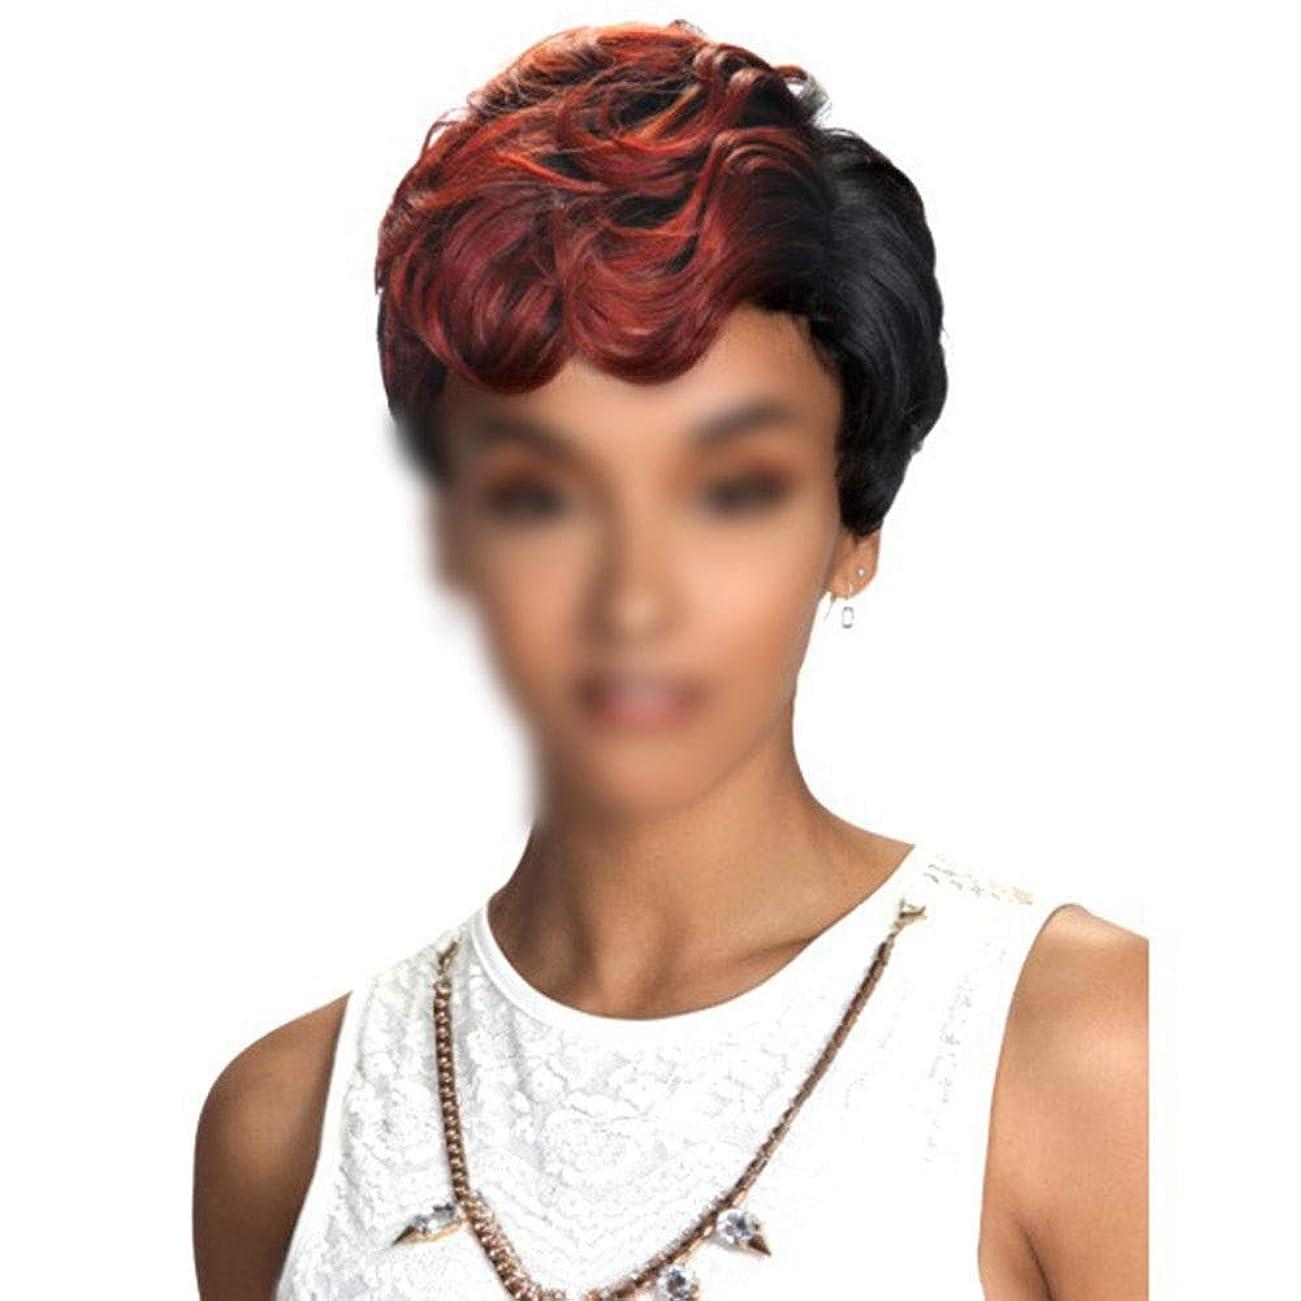 アラブ状無限WASAIO 女性用人工毛ウィッグボブヘッドショートカーリーアクセサリースタイル交換用ワインレッドコスプレパーティードレス (色 : ワインレッド)